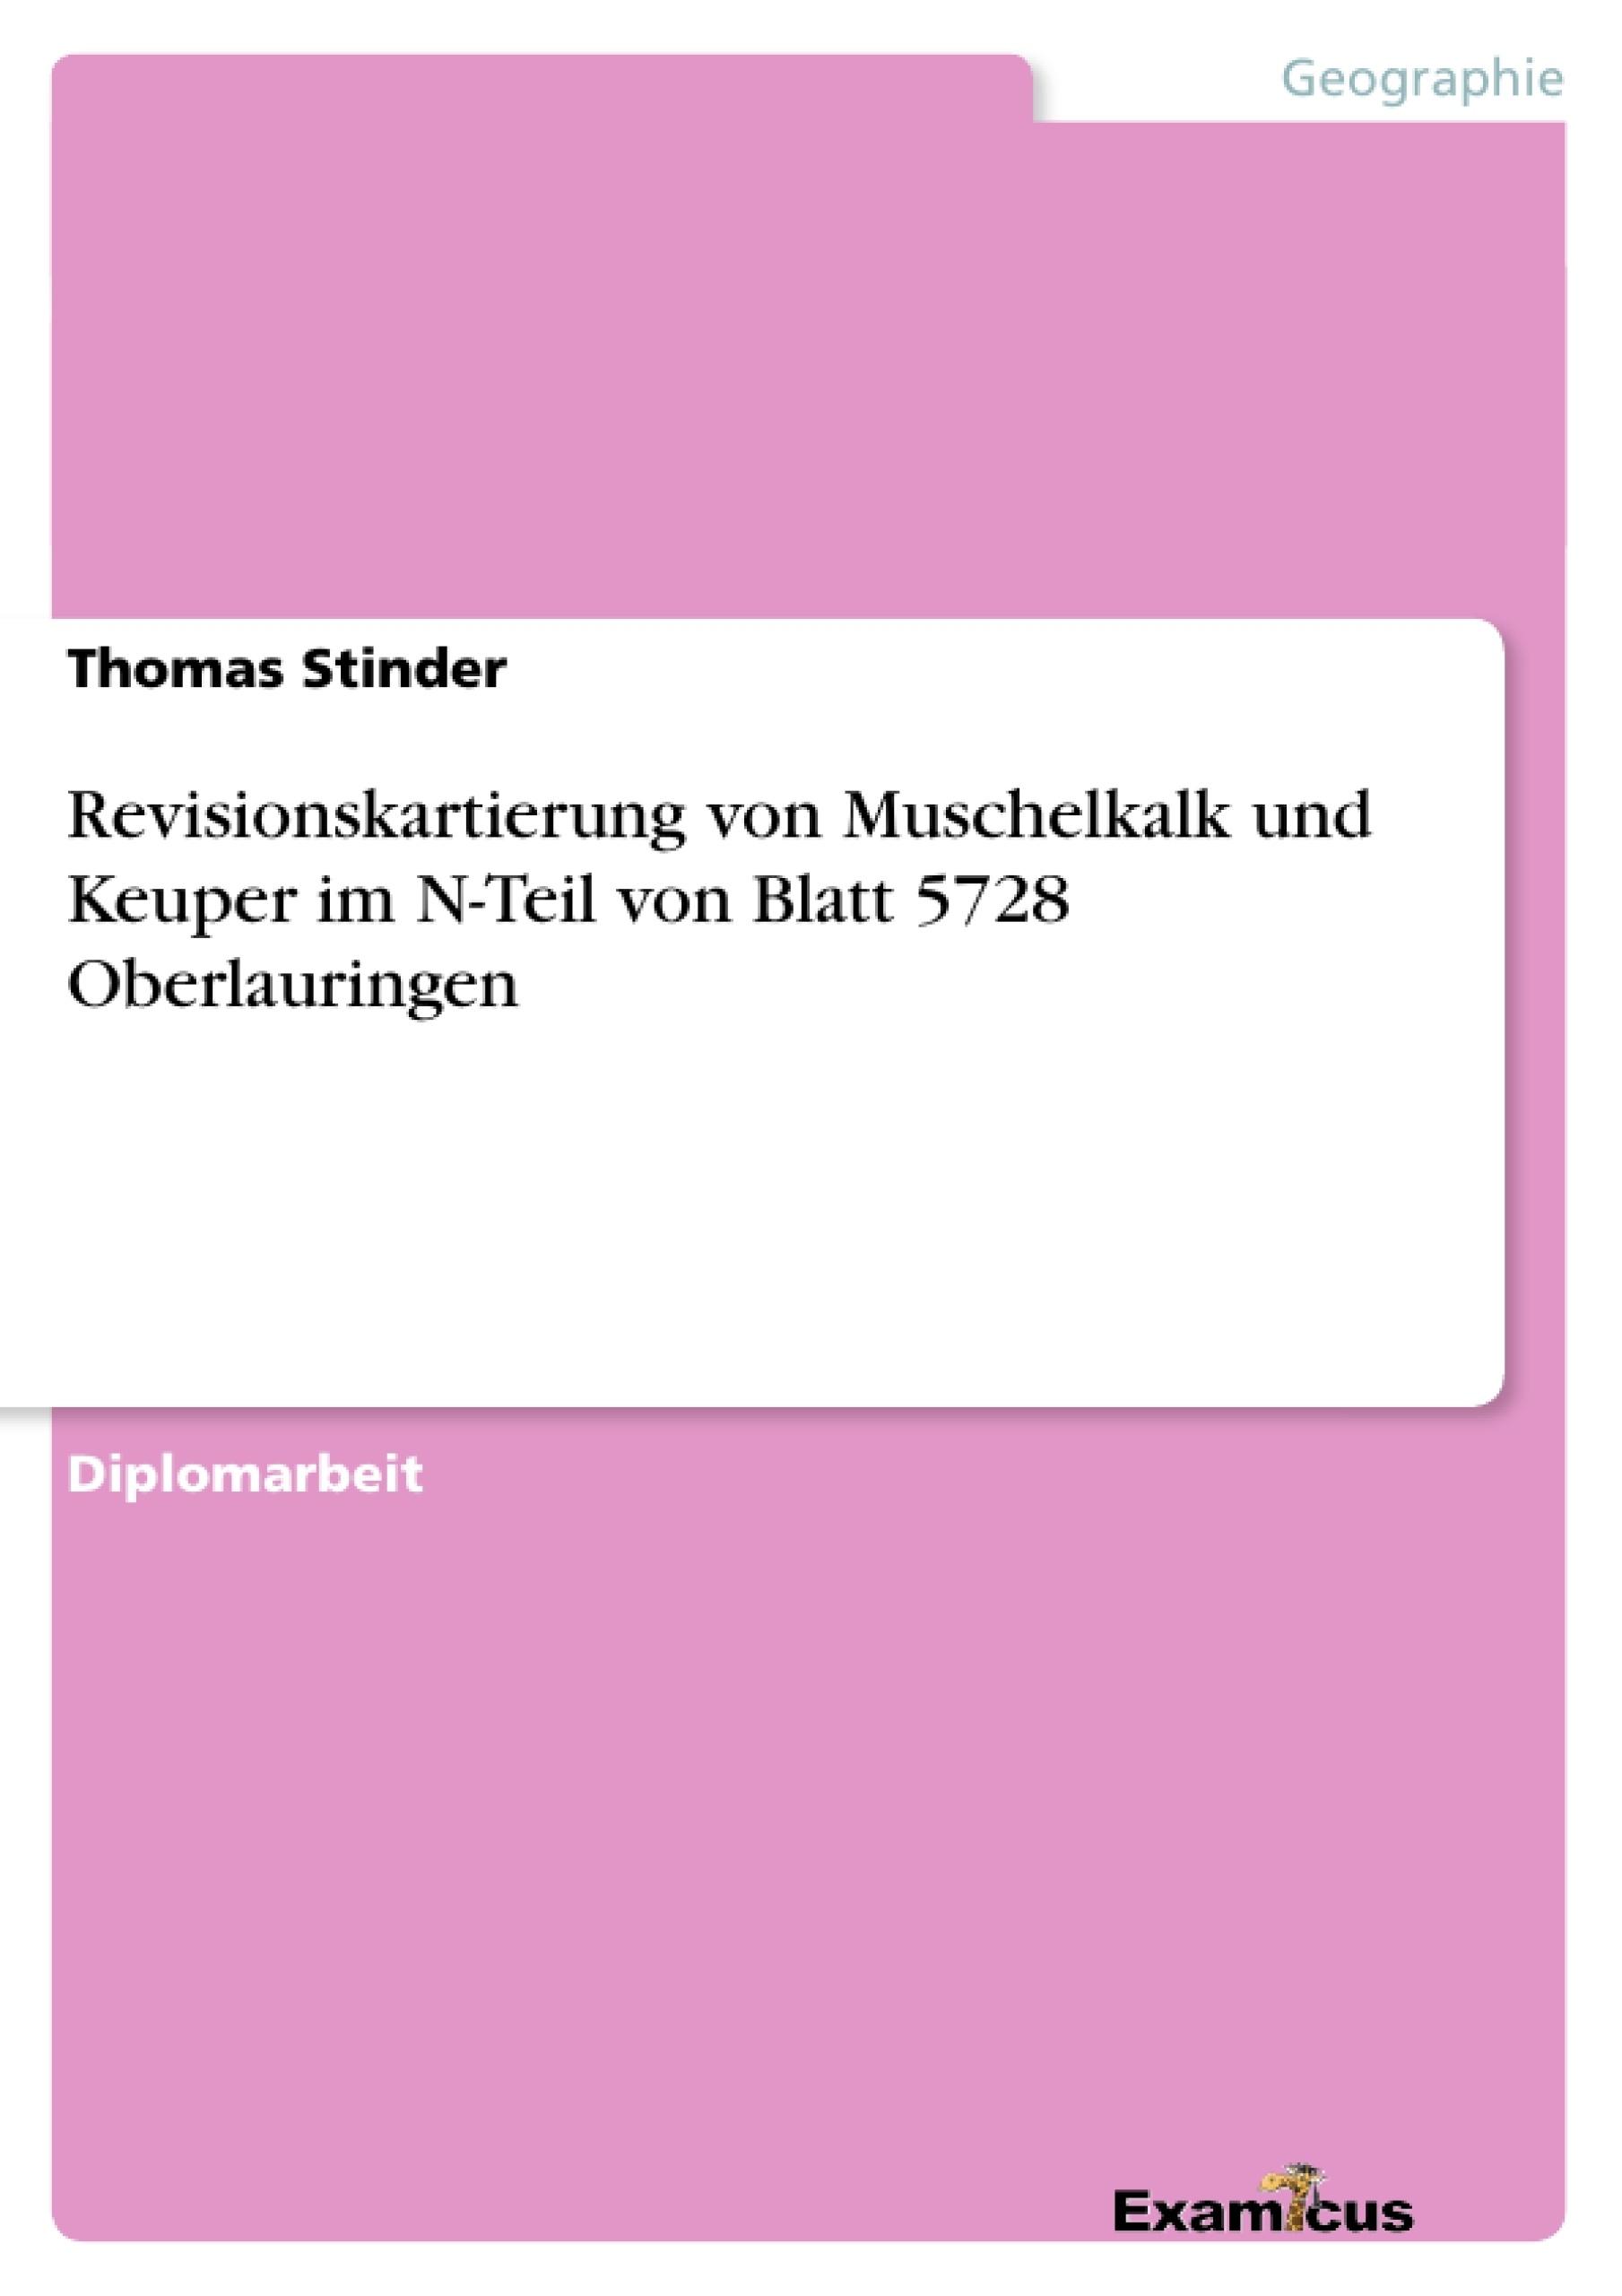 Titel: Revisionskartierung von Muschelkalk und Keuper im N-Teil von Blatt 5728 Oberlauringen